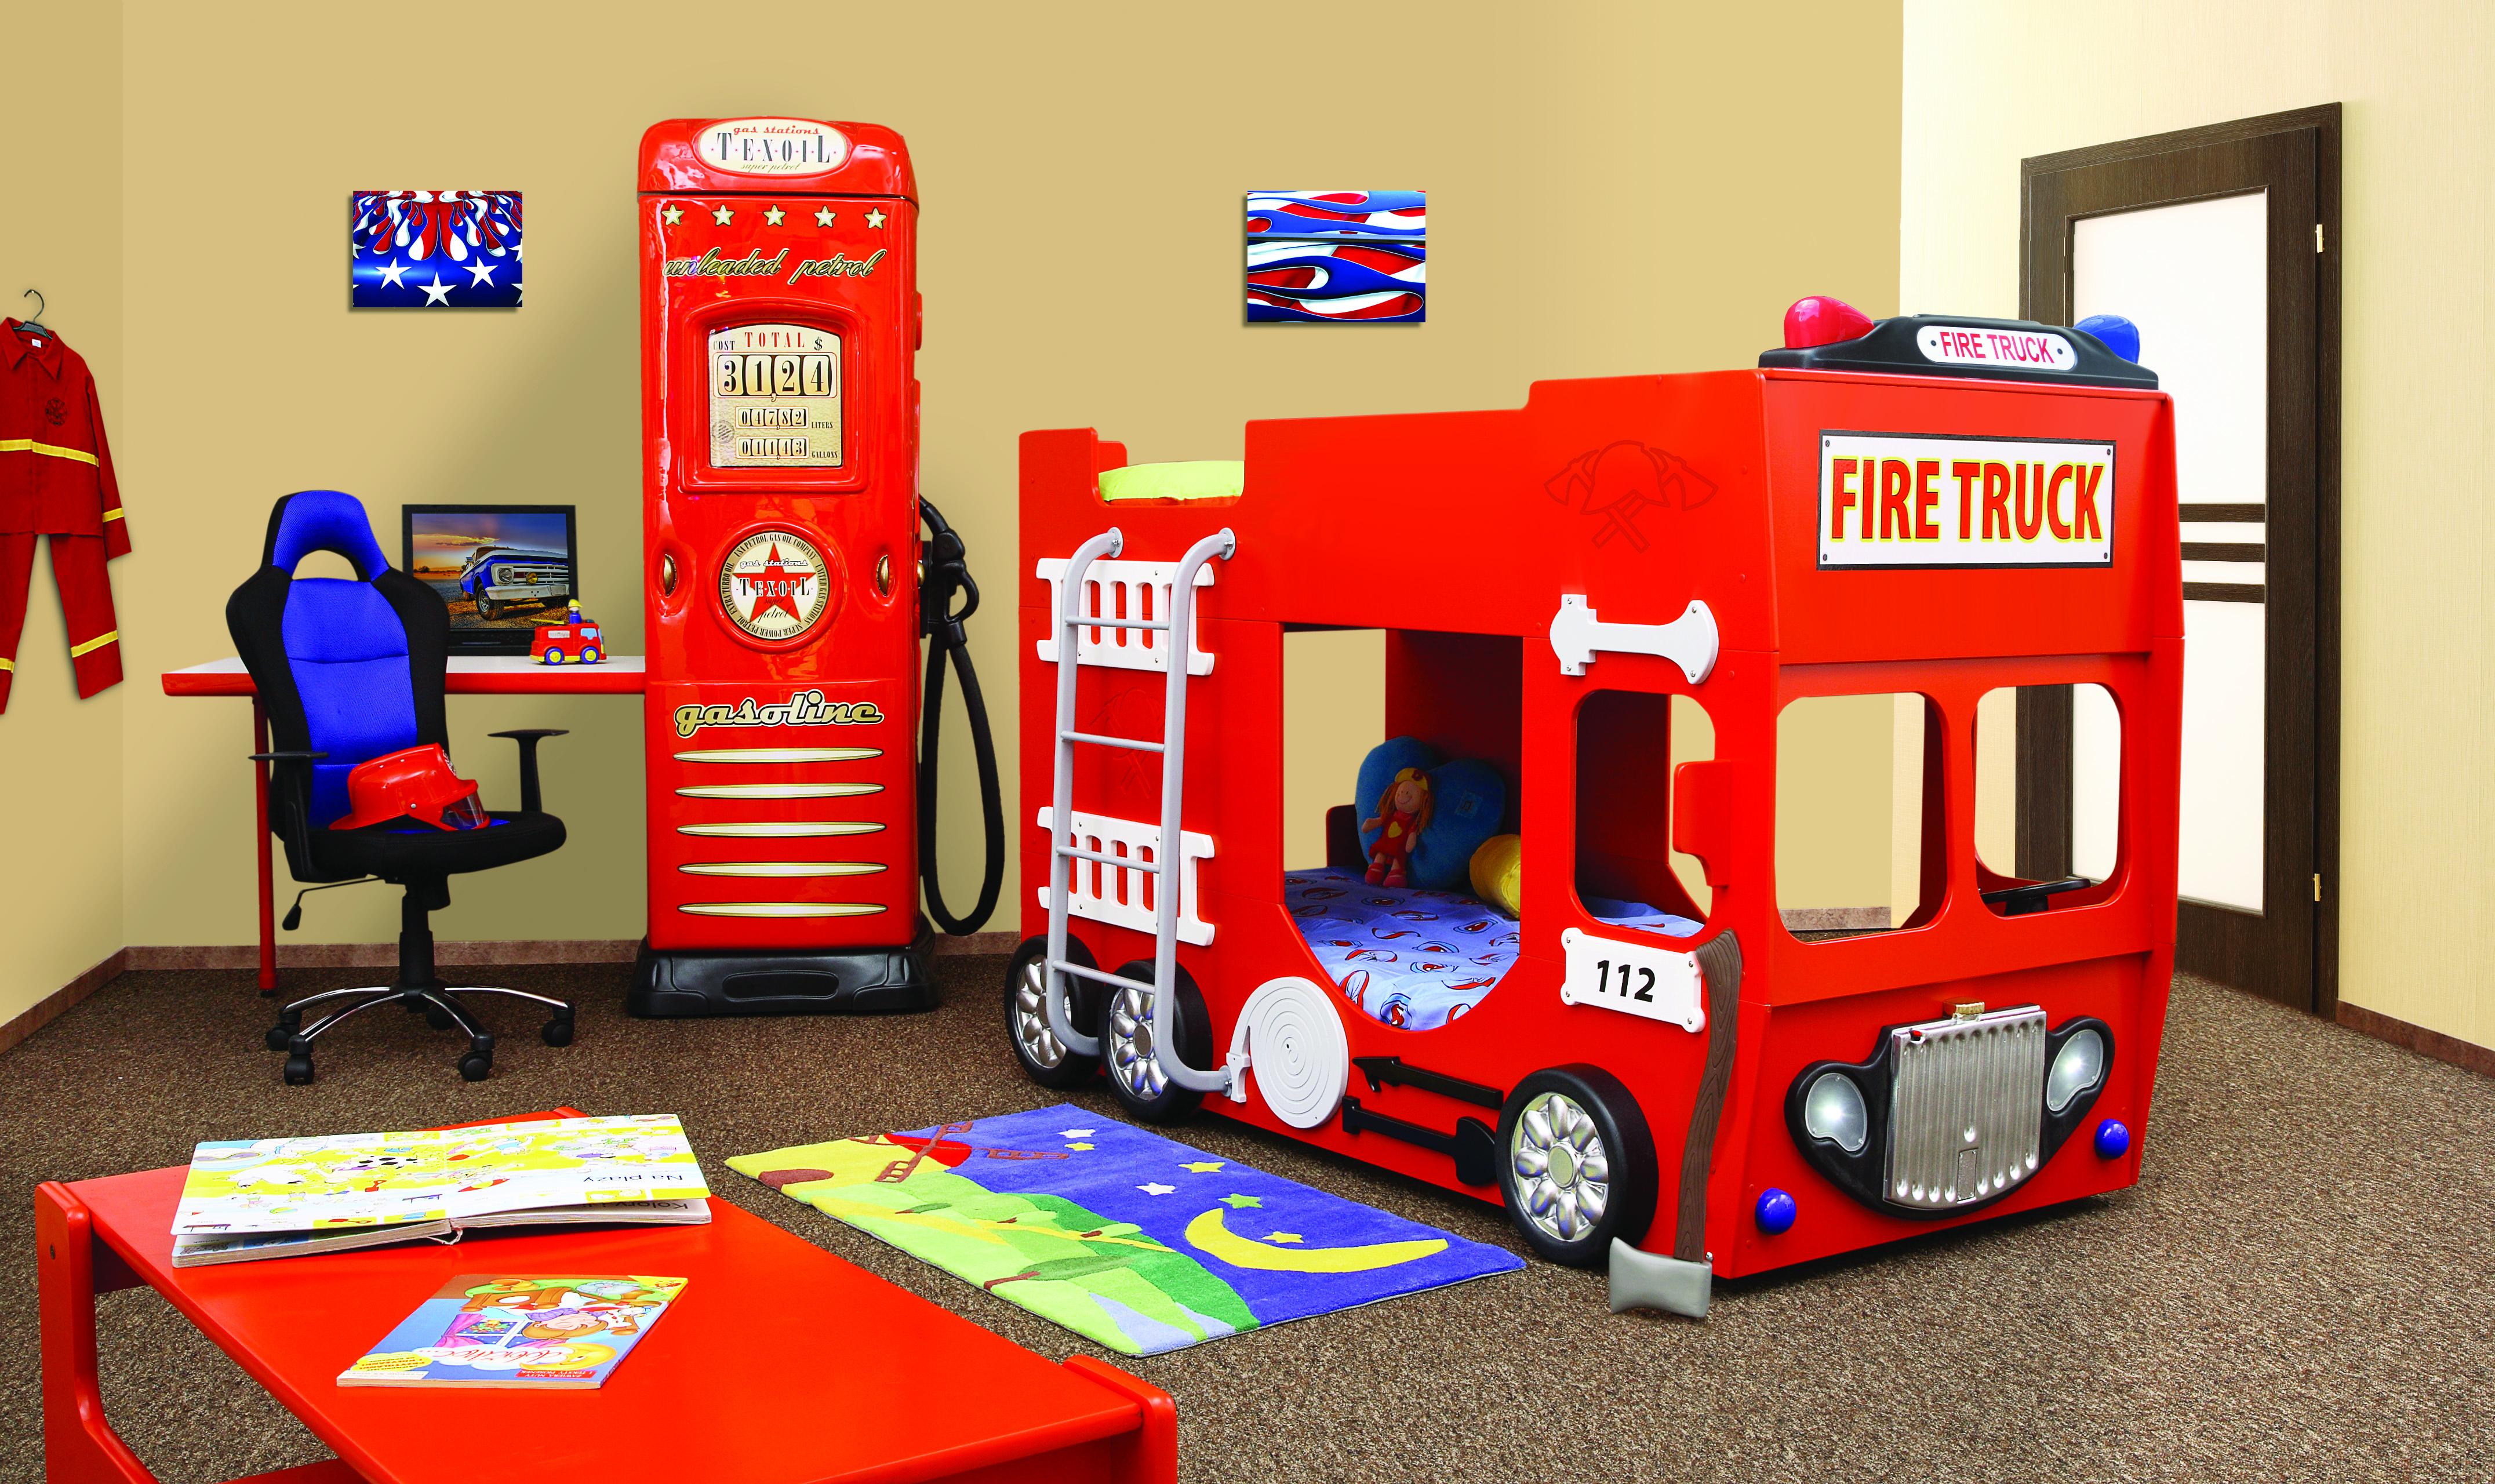 Etagenbett Feuerwehr : Doppelstockbett mit matratze stockbett bett doppelbett etagenbett